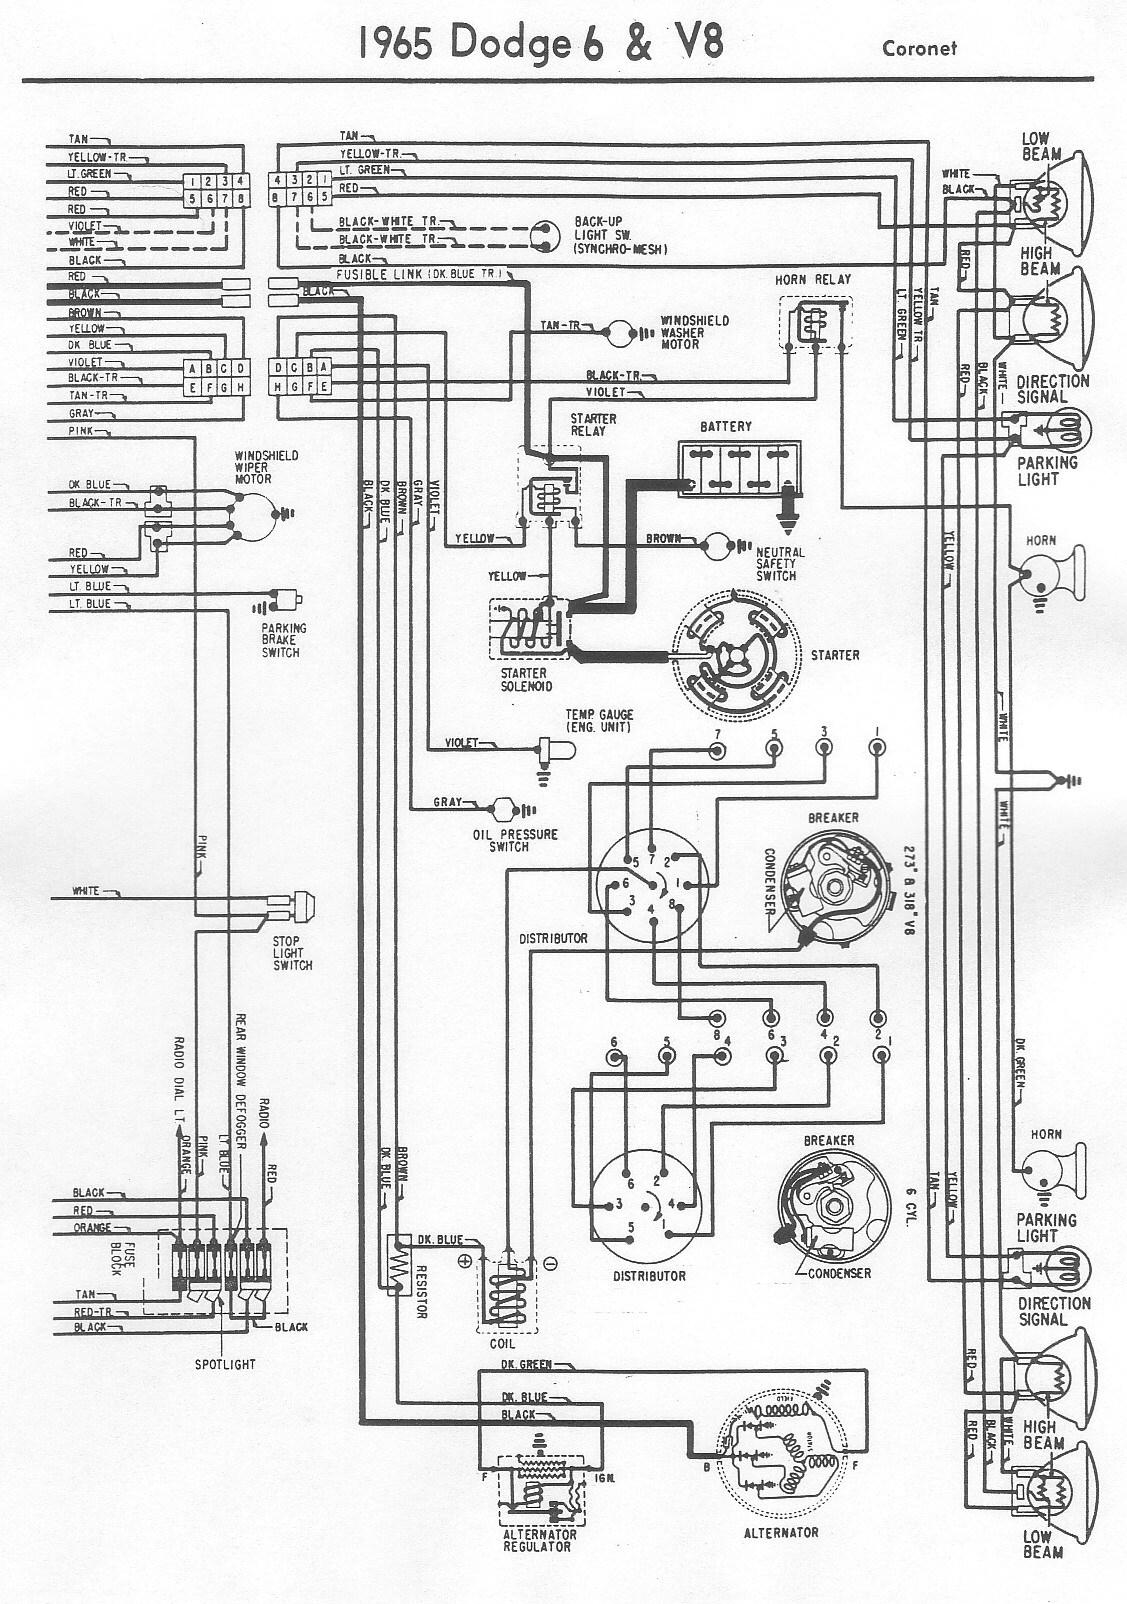 Camel Washing Machine Wiring Diagram - 2011 Hyundai Genesis Fuse Diagram -  pipiiing-layout.yenpancane.jeanjaures37.fr | Twin Tub Washing Machine Wiring Diagram |  | Wiring Diagram Resource